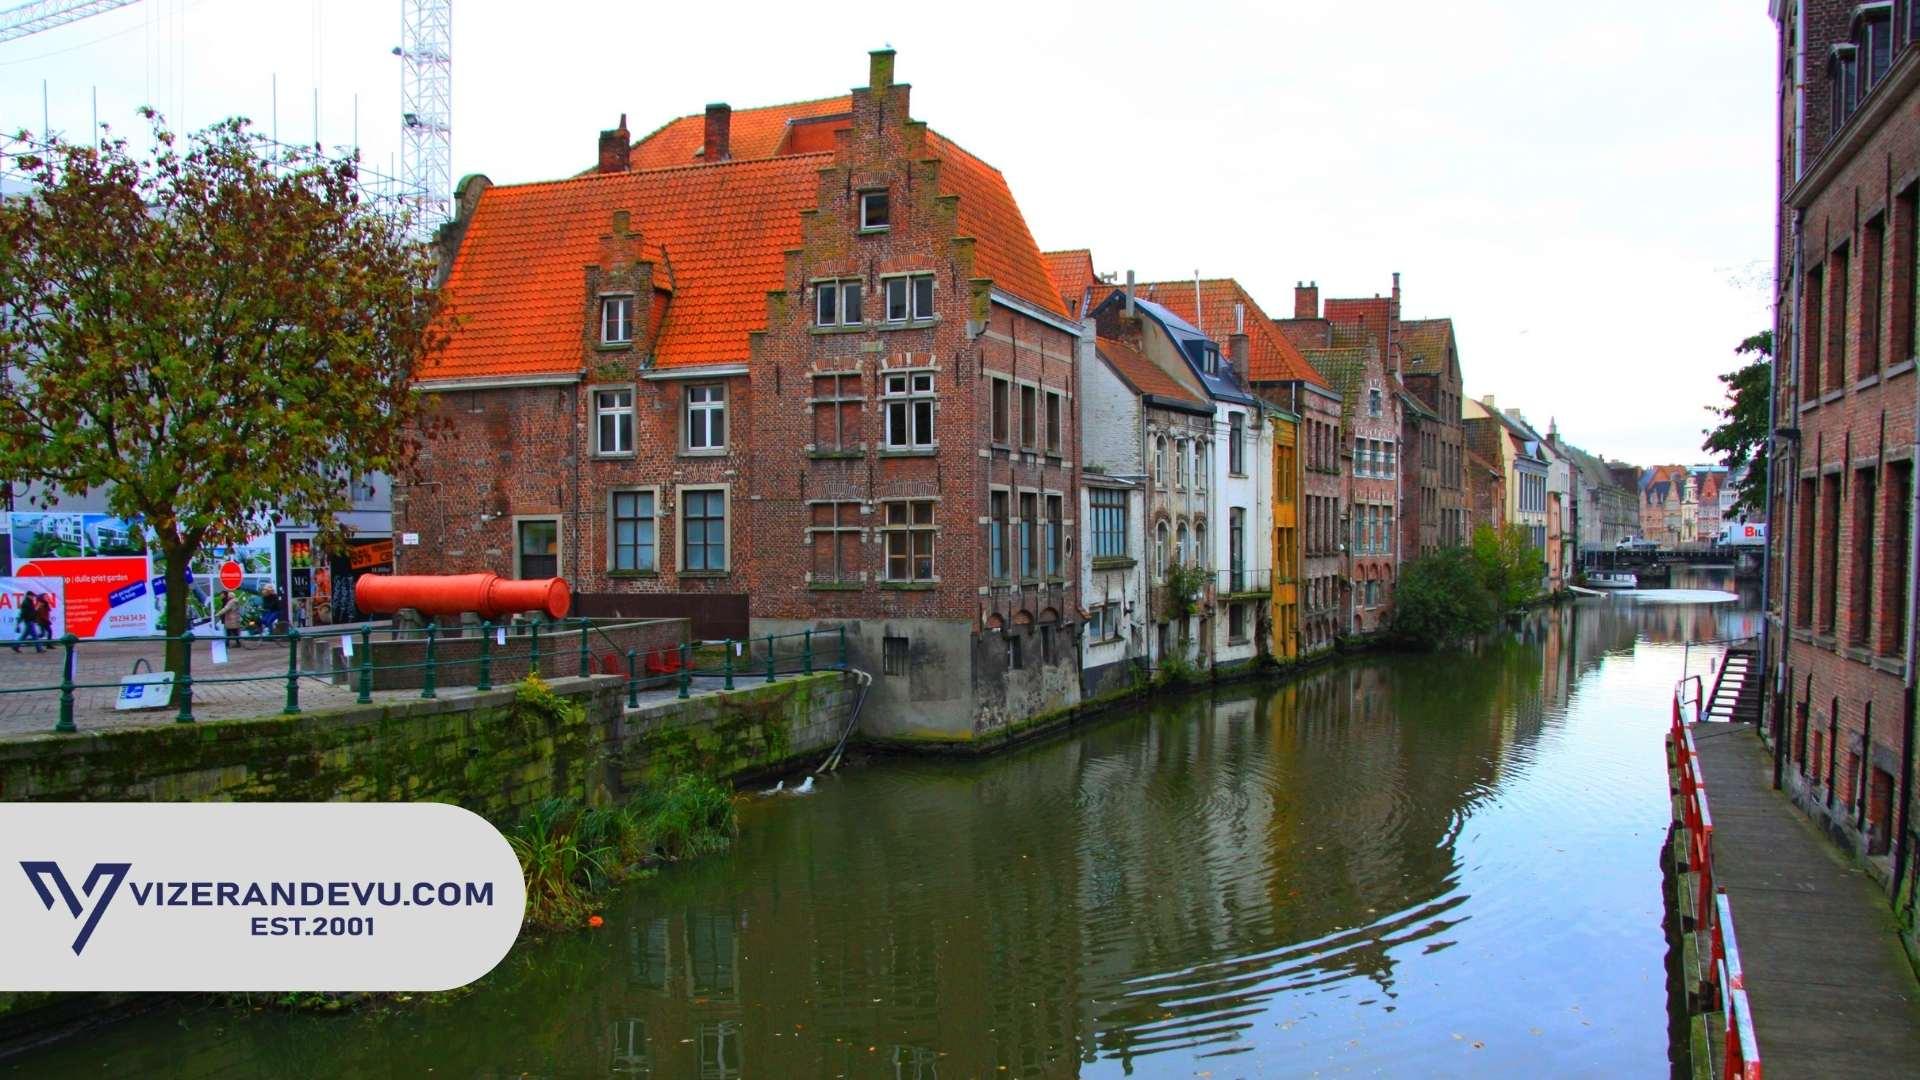 Belçika Vize Konusunda Mutlaka Dikkat Edilmesi Gereken Konular